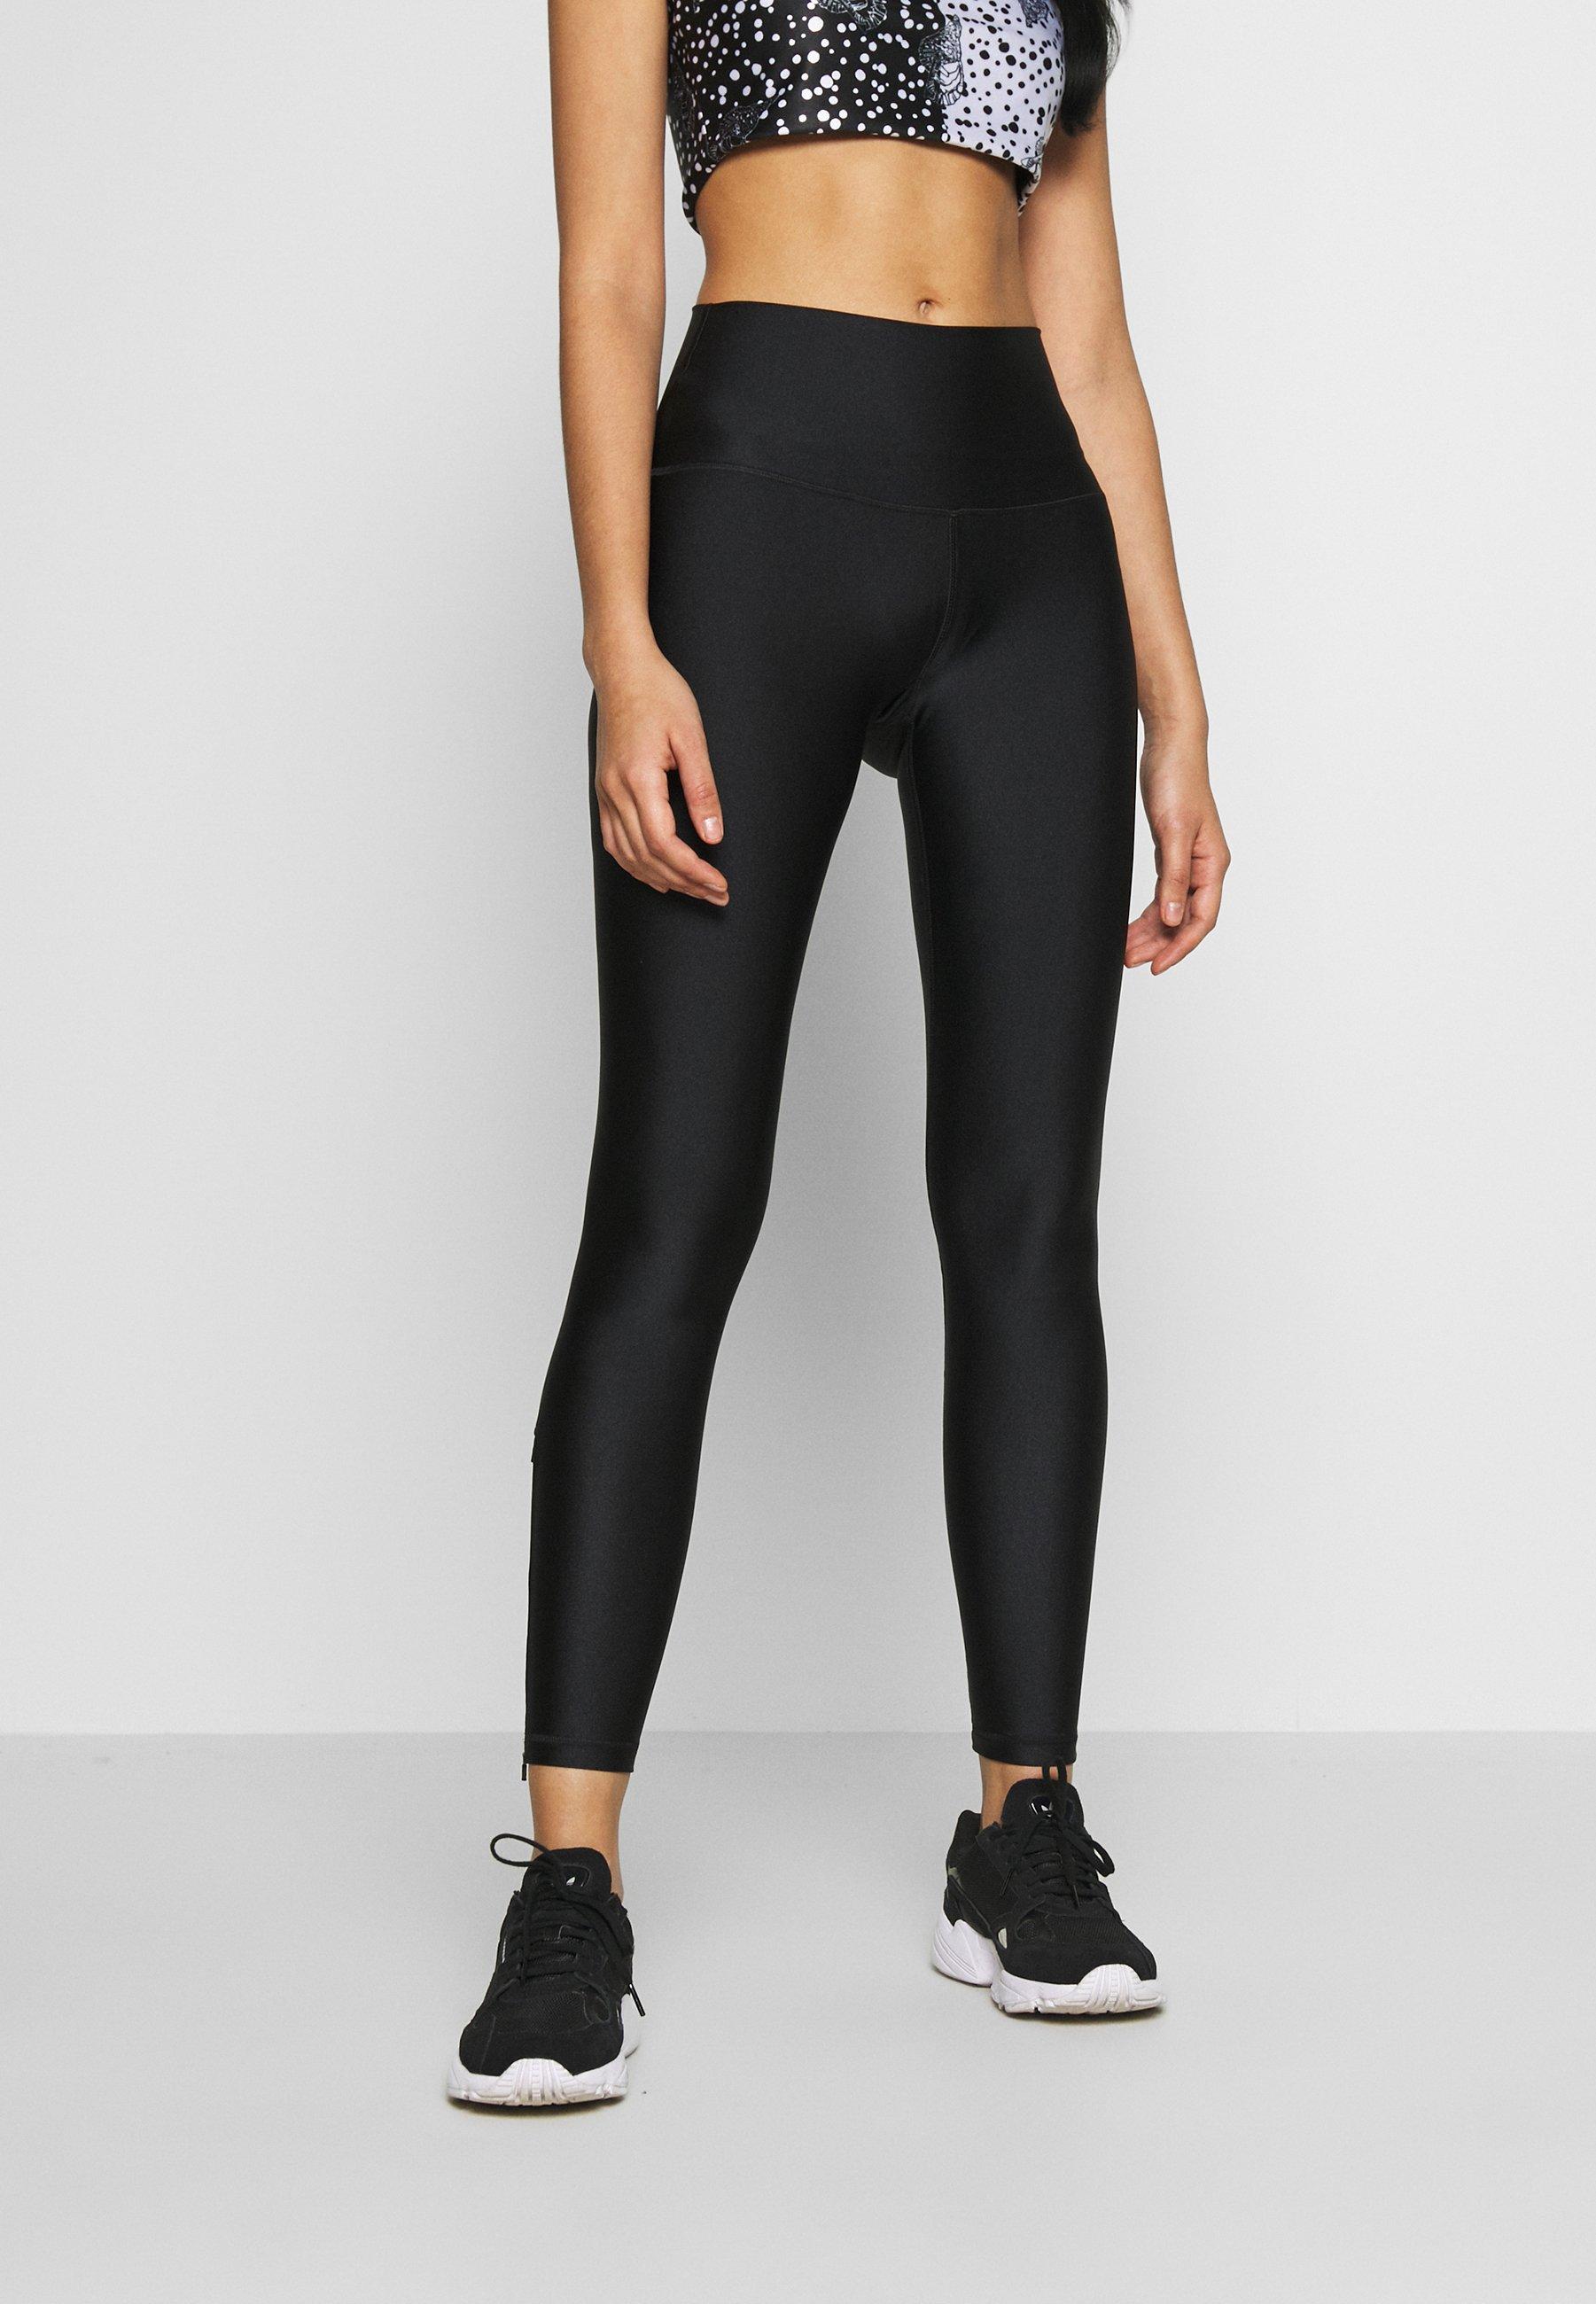 Damen LONG TIGHT TIGHTS - Leggings - Hosen